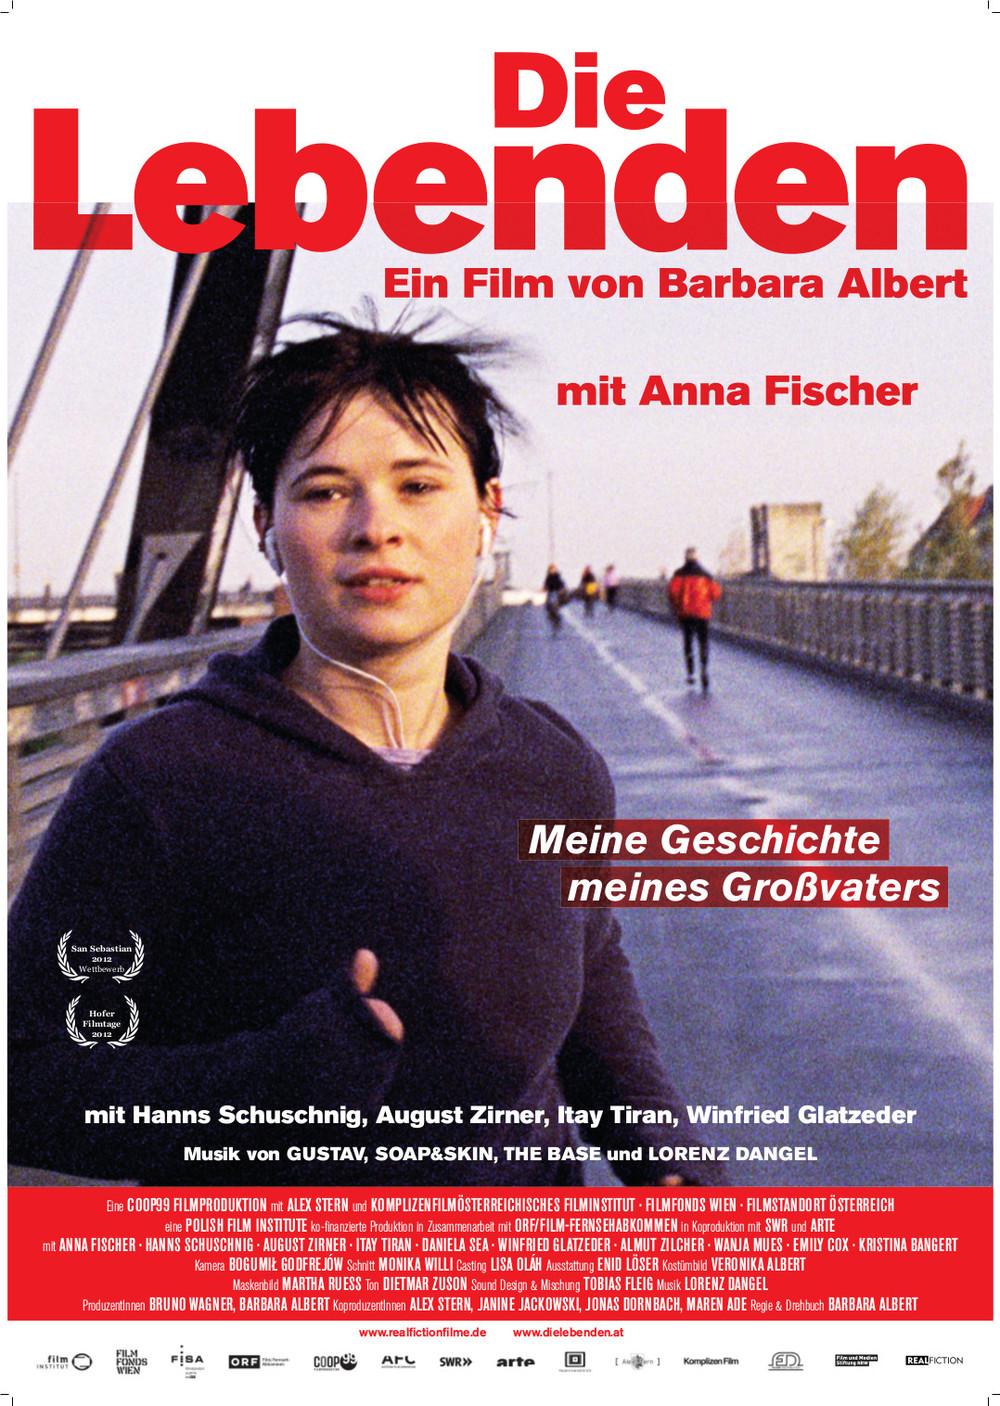 2012_Die_Lebenden_Komplizen_Film.jpg